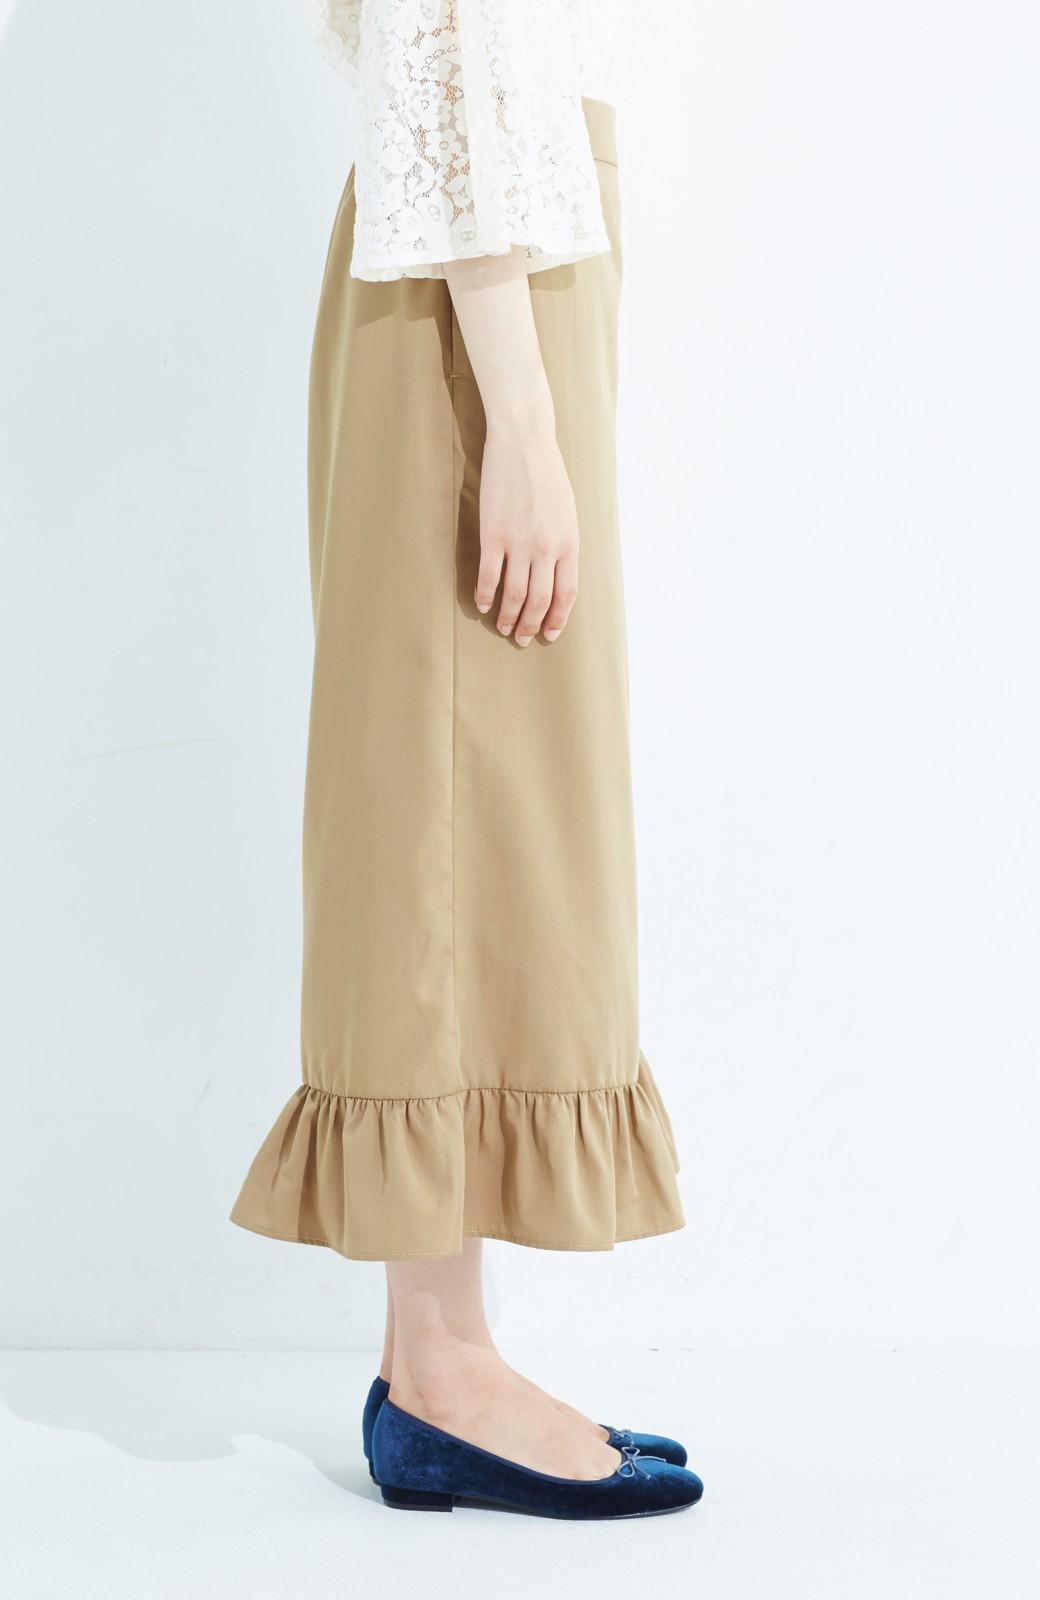 haco! スカート気分で楽しめる 華やかフレアーパンツ <ベージュ>の商品写真4